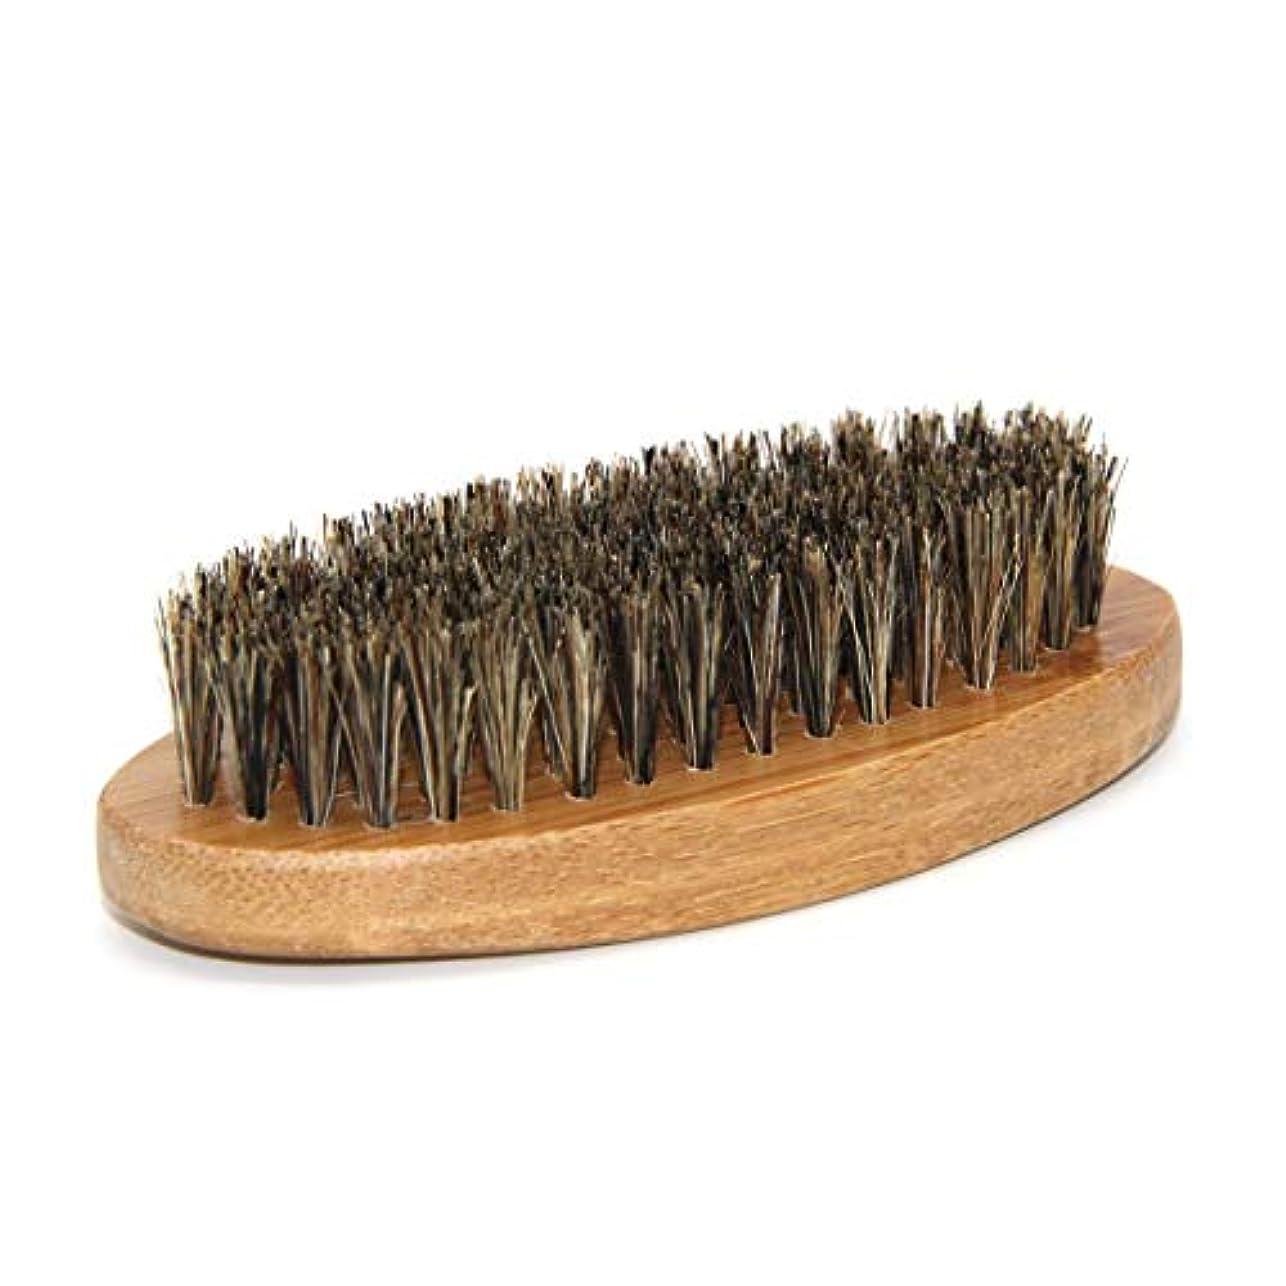 誠実さ規制しなければならない男性イノシシ毛剛毛髭口ひげブラシミリタリーハードラウンドウッドハンドル - ブラウン